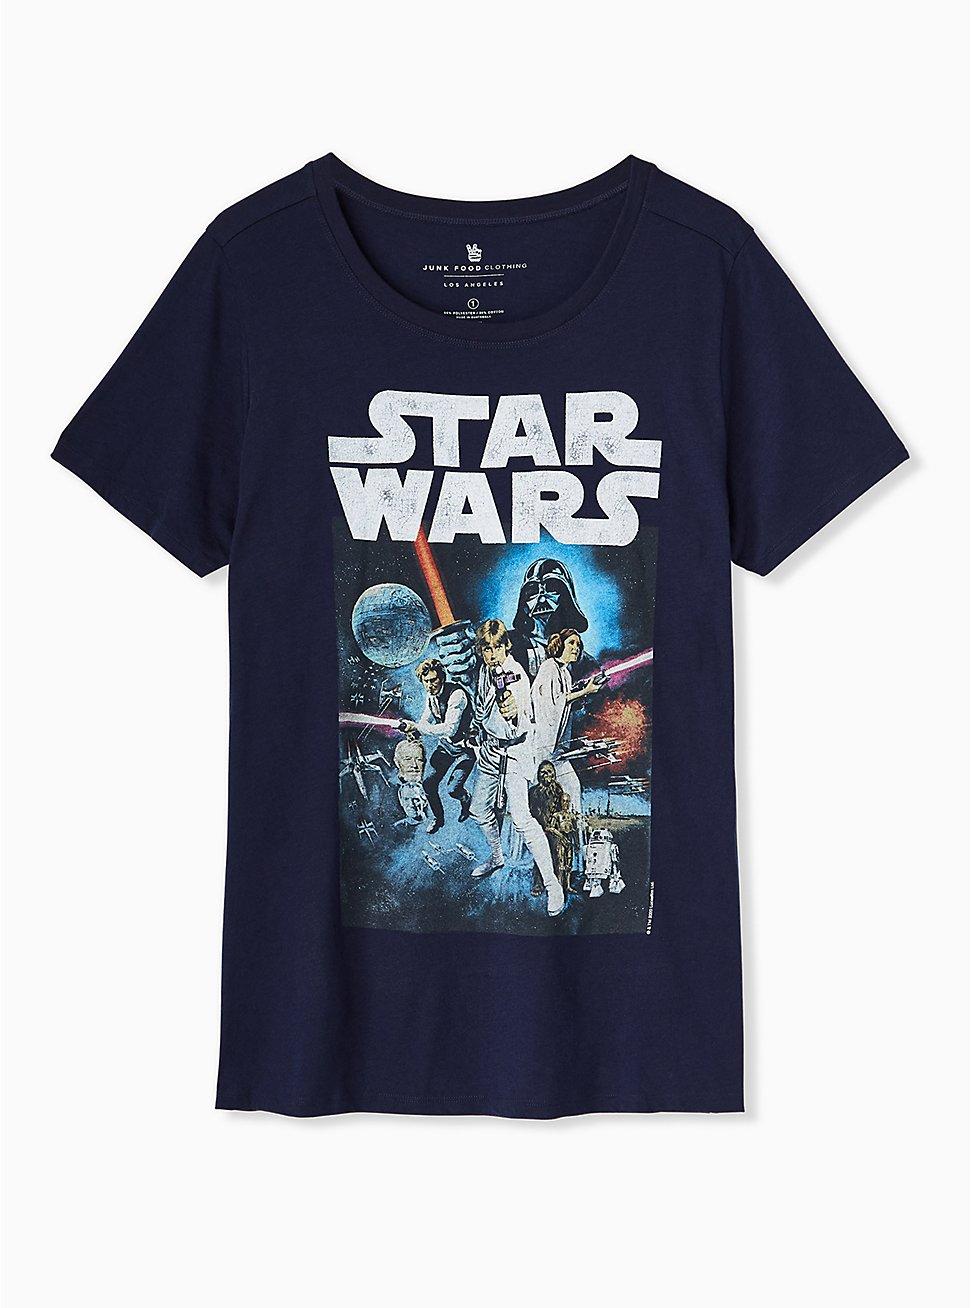 Star Wars Crew Tee - Navy, PEACOAT, hi-res